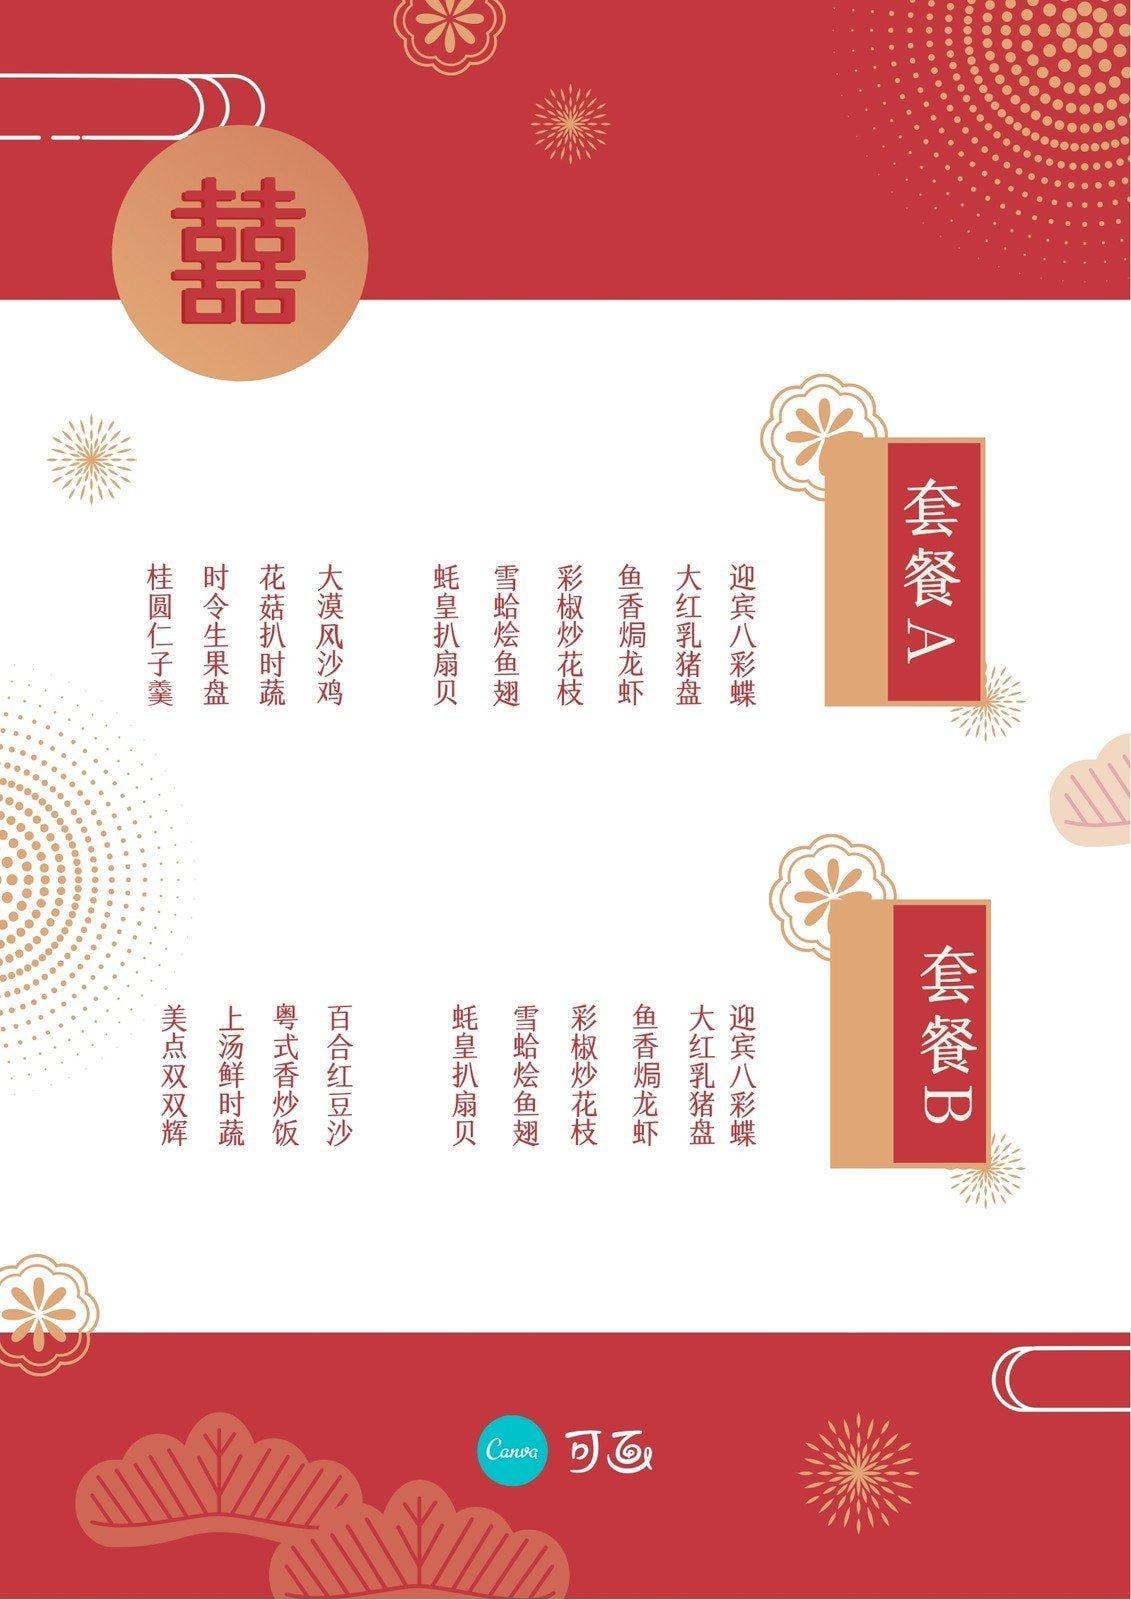 红金色波点祥云线条中式婚礼菜单